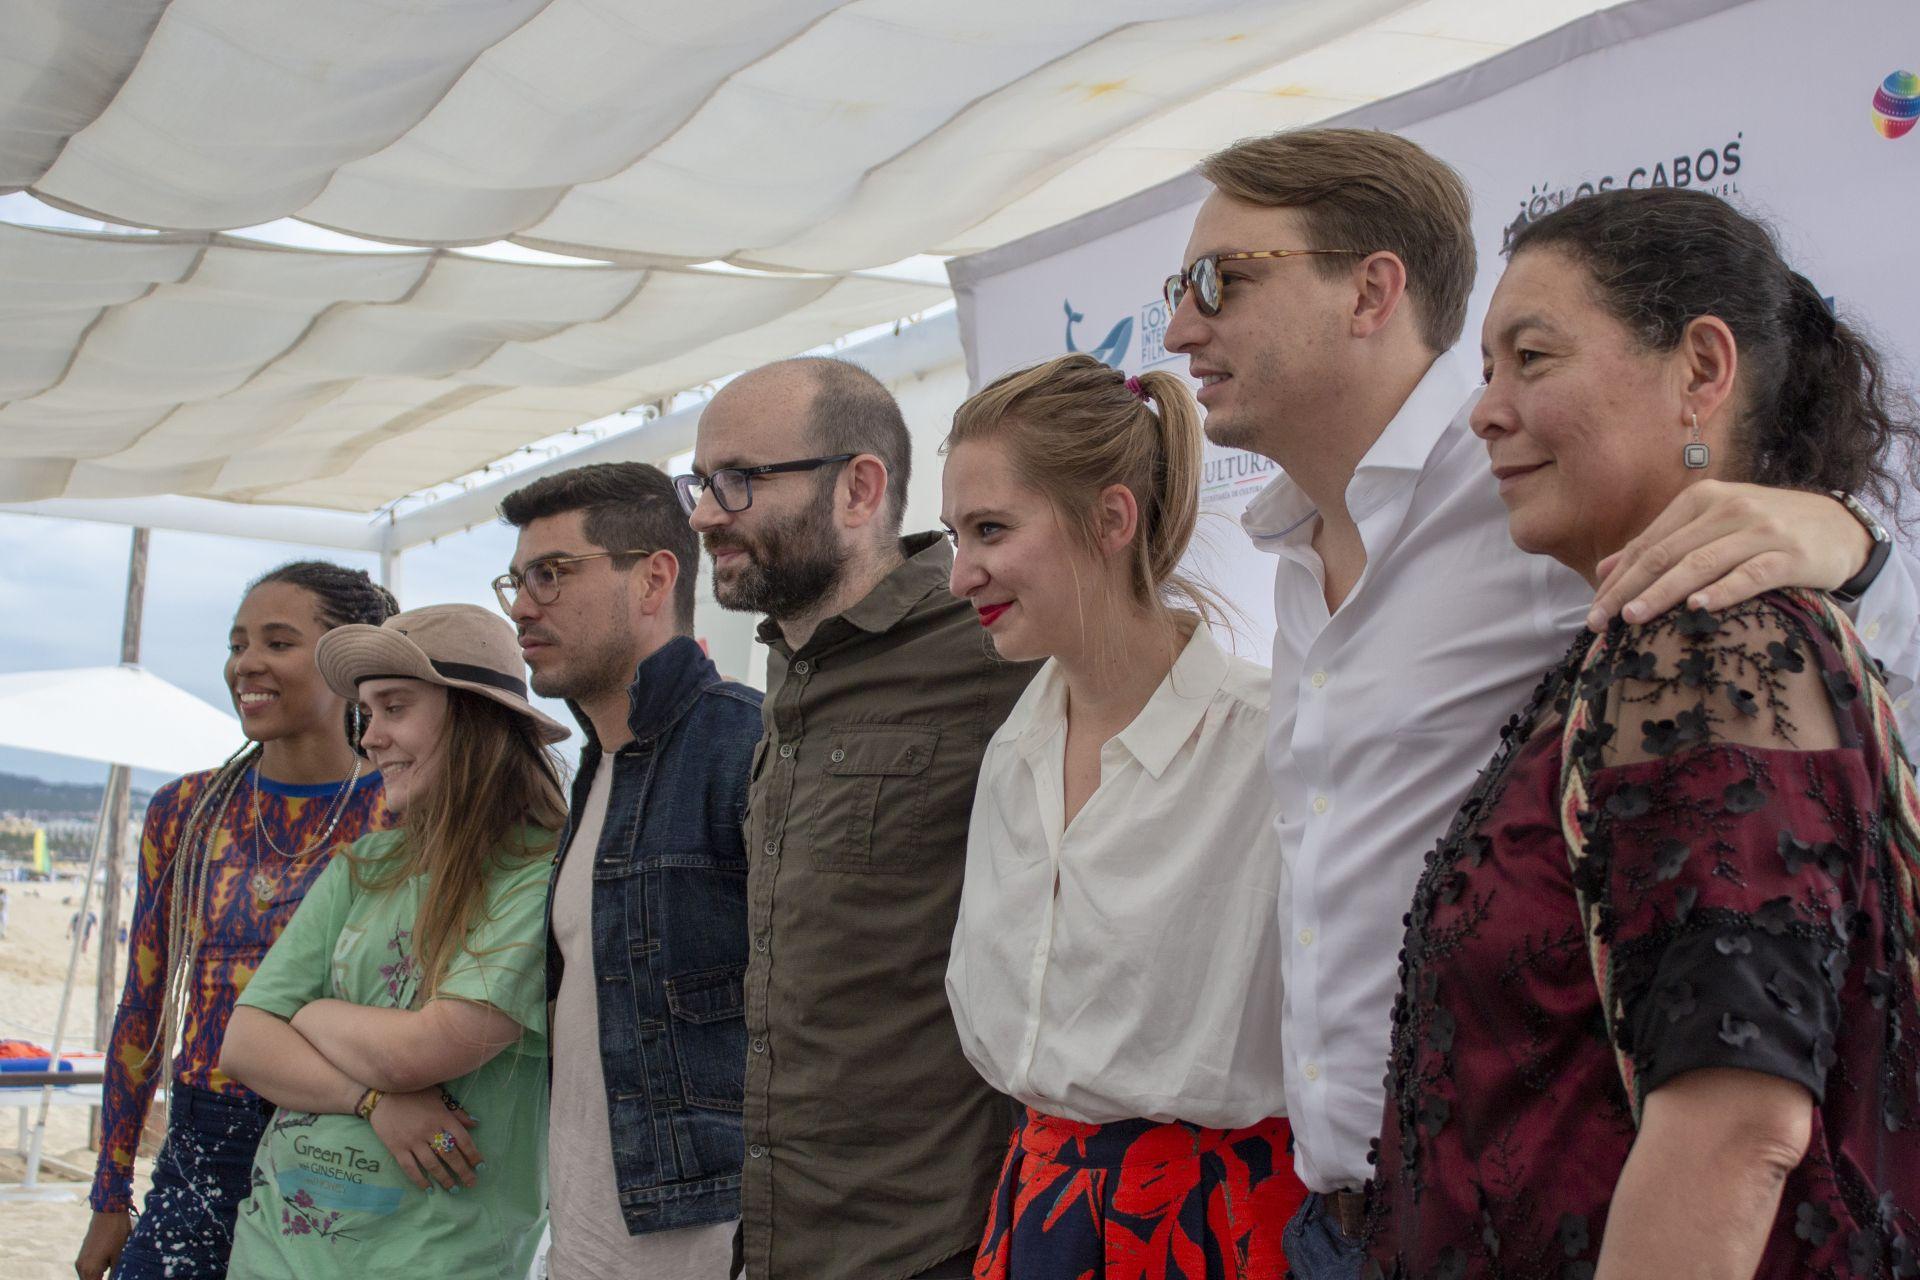 Los_Cabos_Film_Festival_50